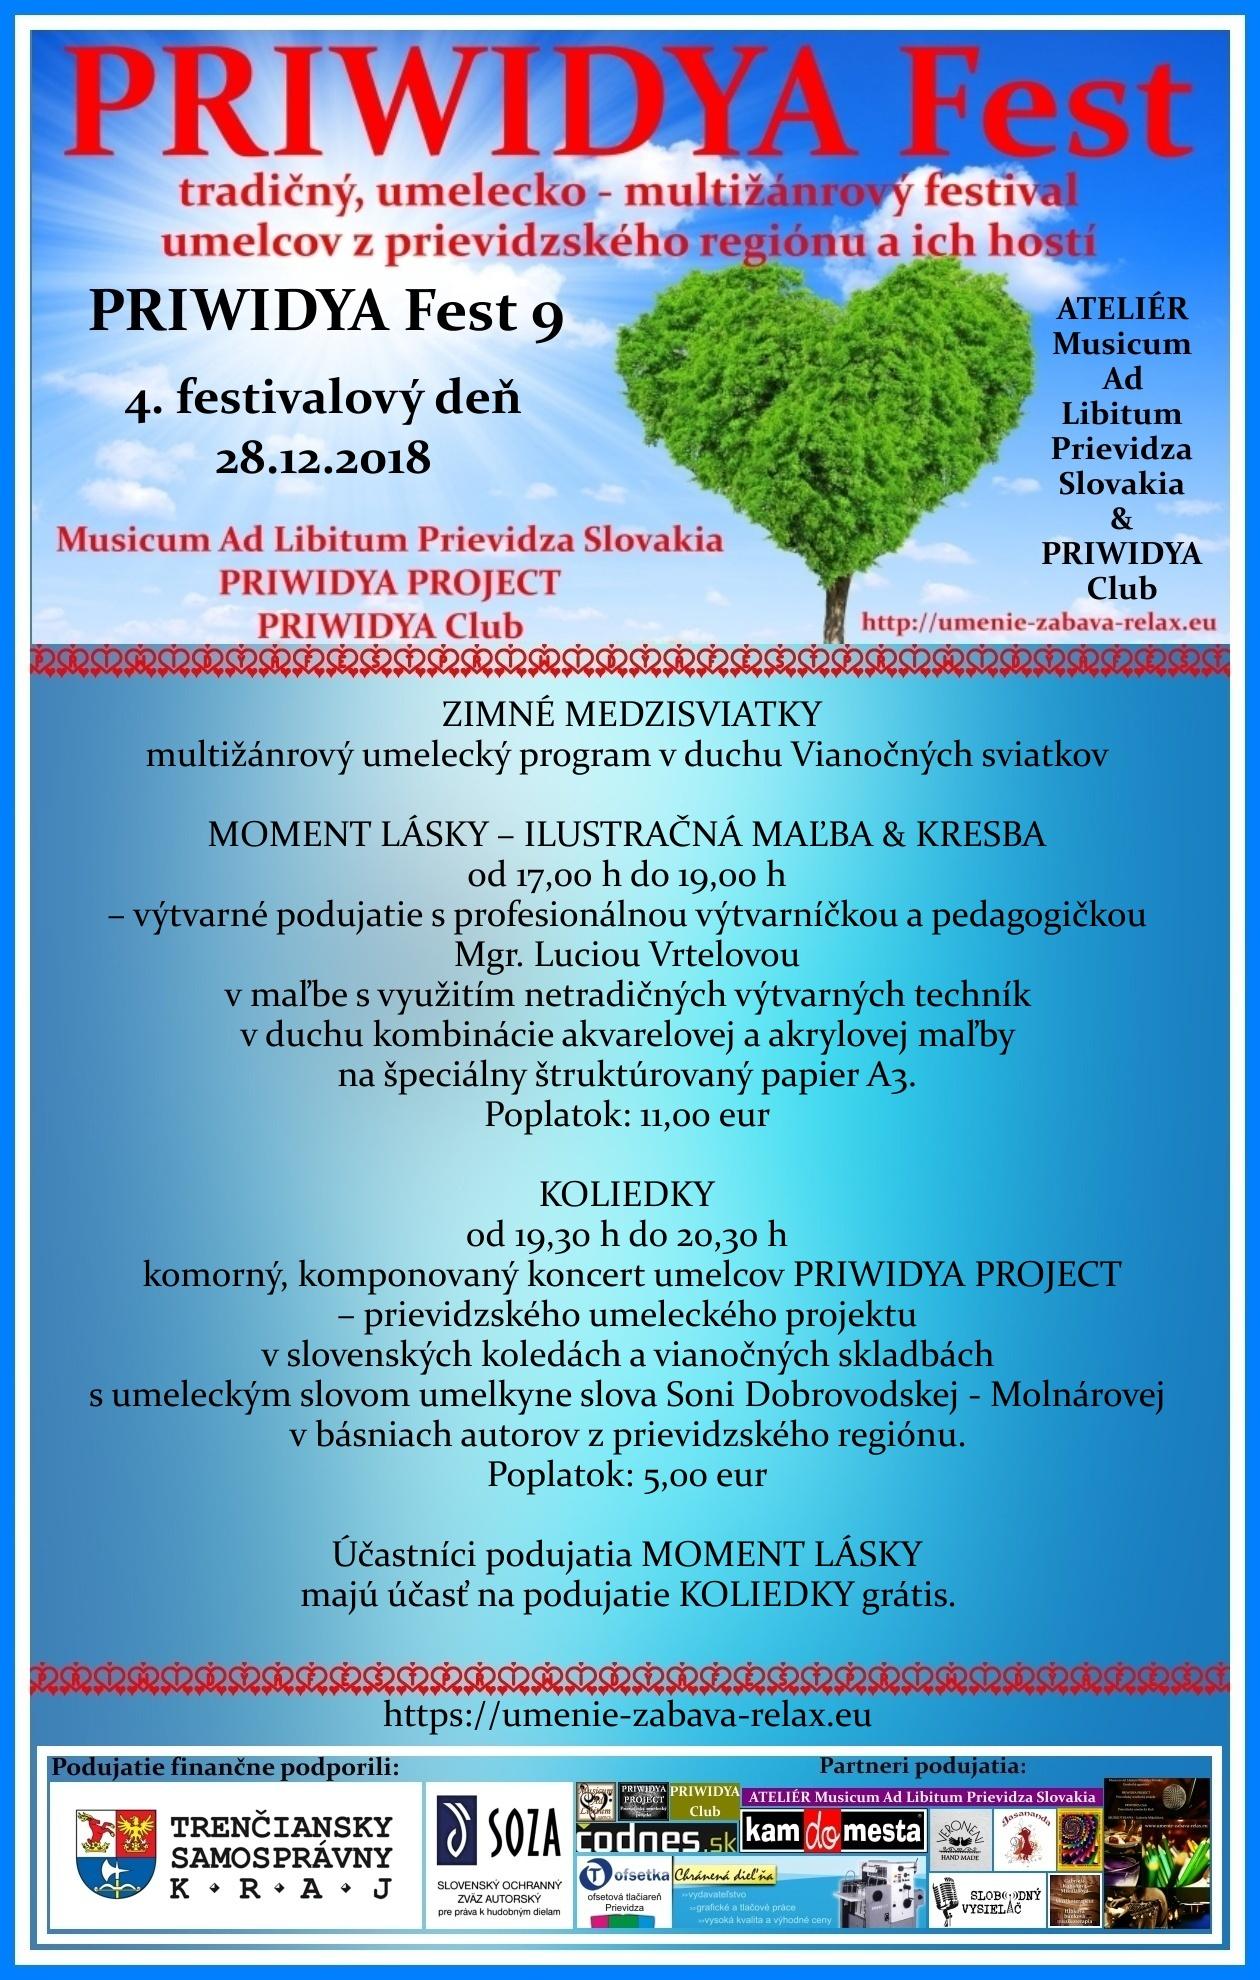 PRIWIDYA Fest 9 - tradičný, umelecko - multižánrový festival